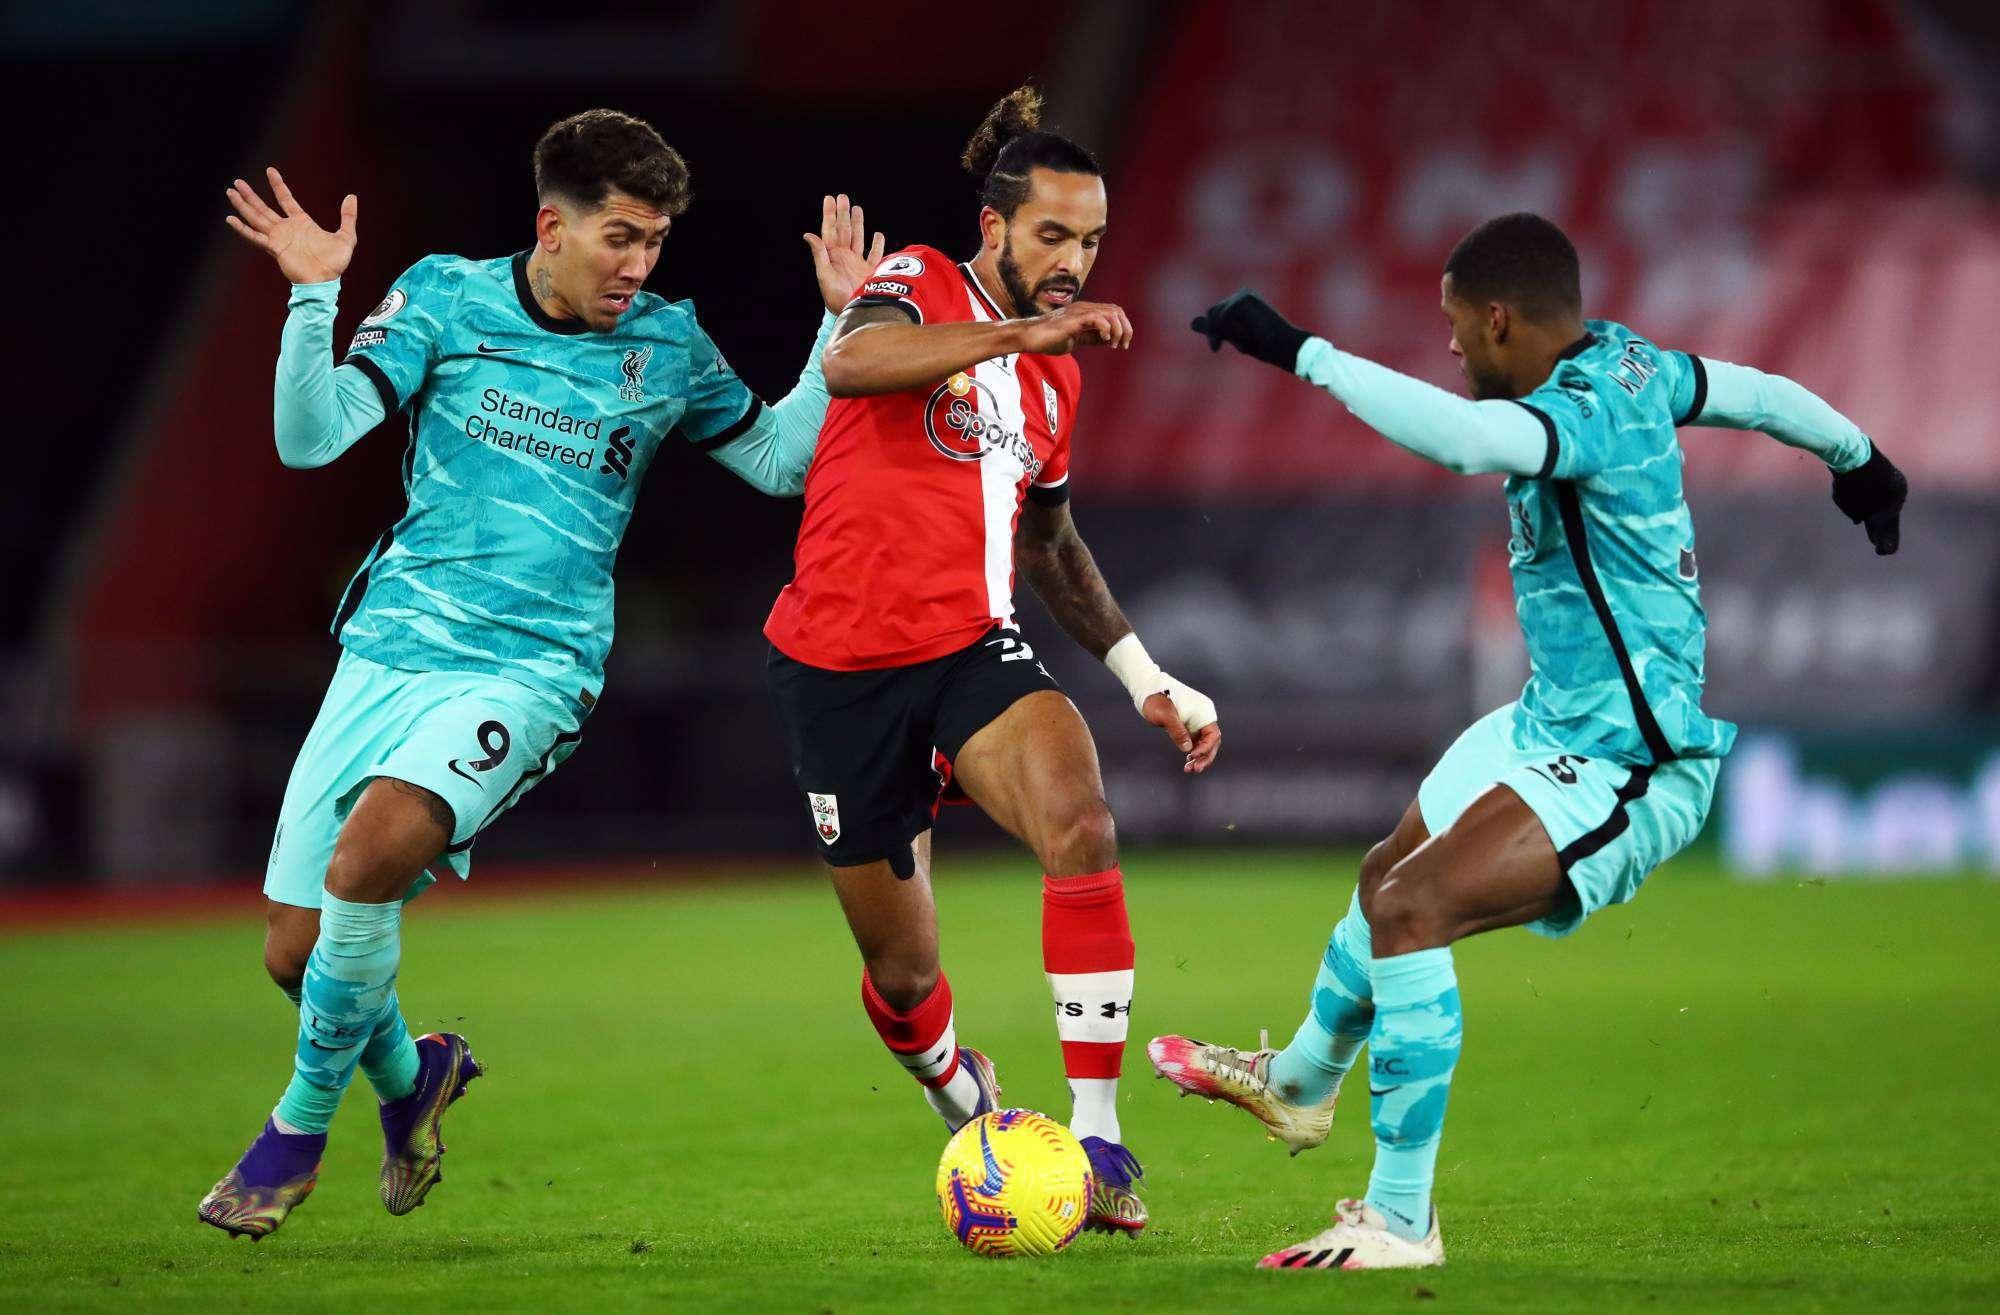 Southampton defeat Liverpool